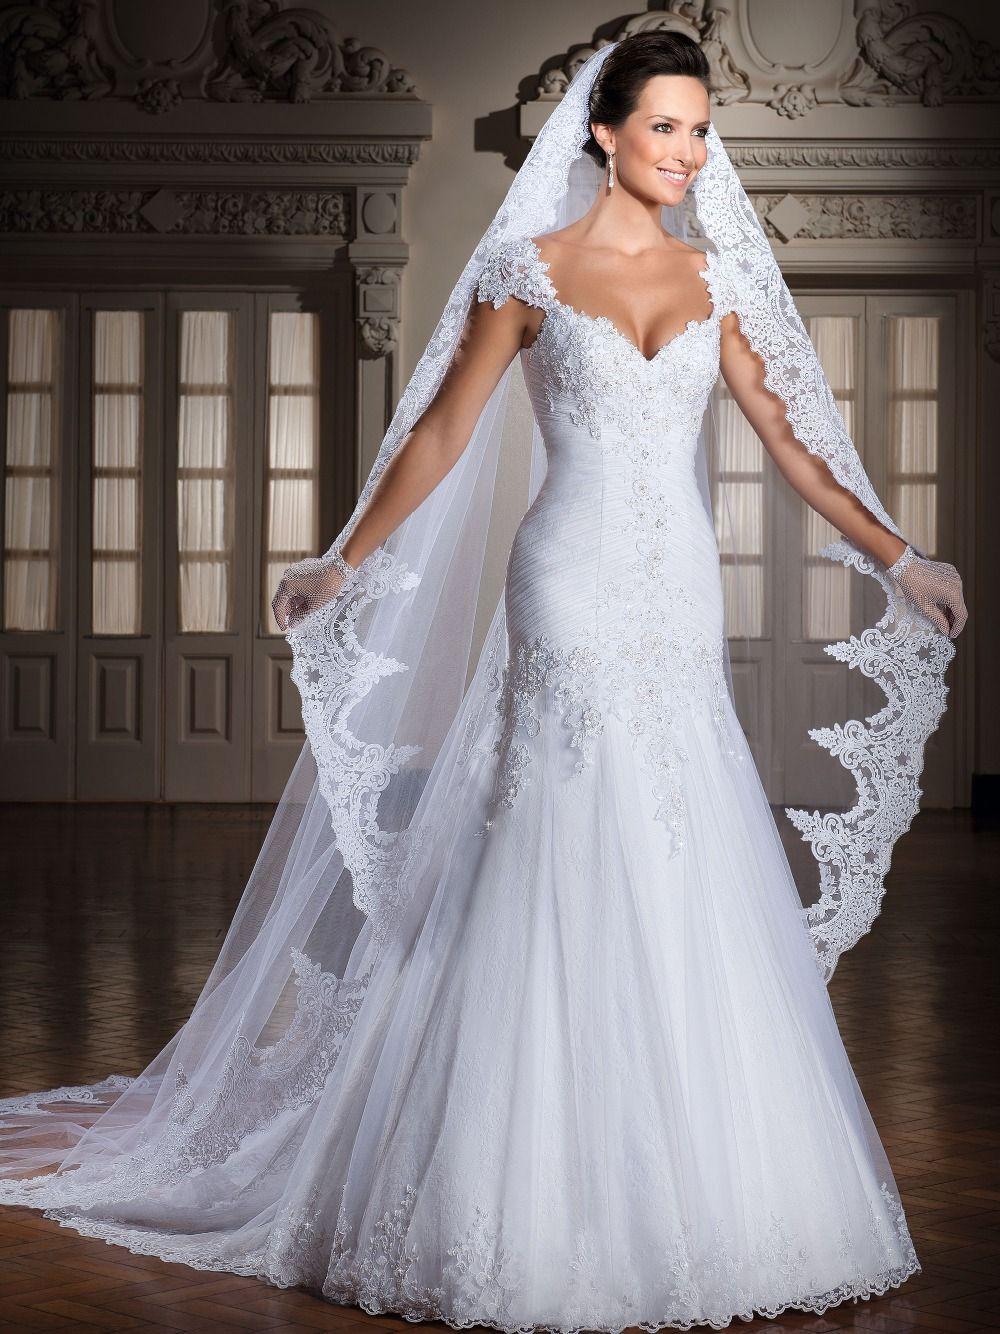 vestidos de novias (4)   Cosas para comprar   Pinterest   Vestidos ...